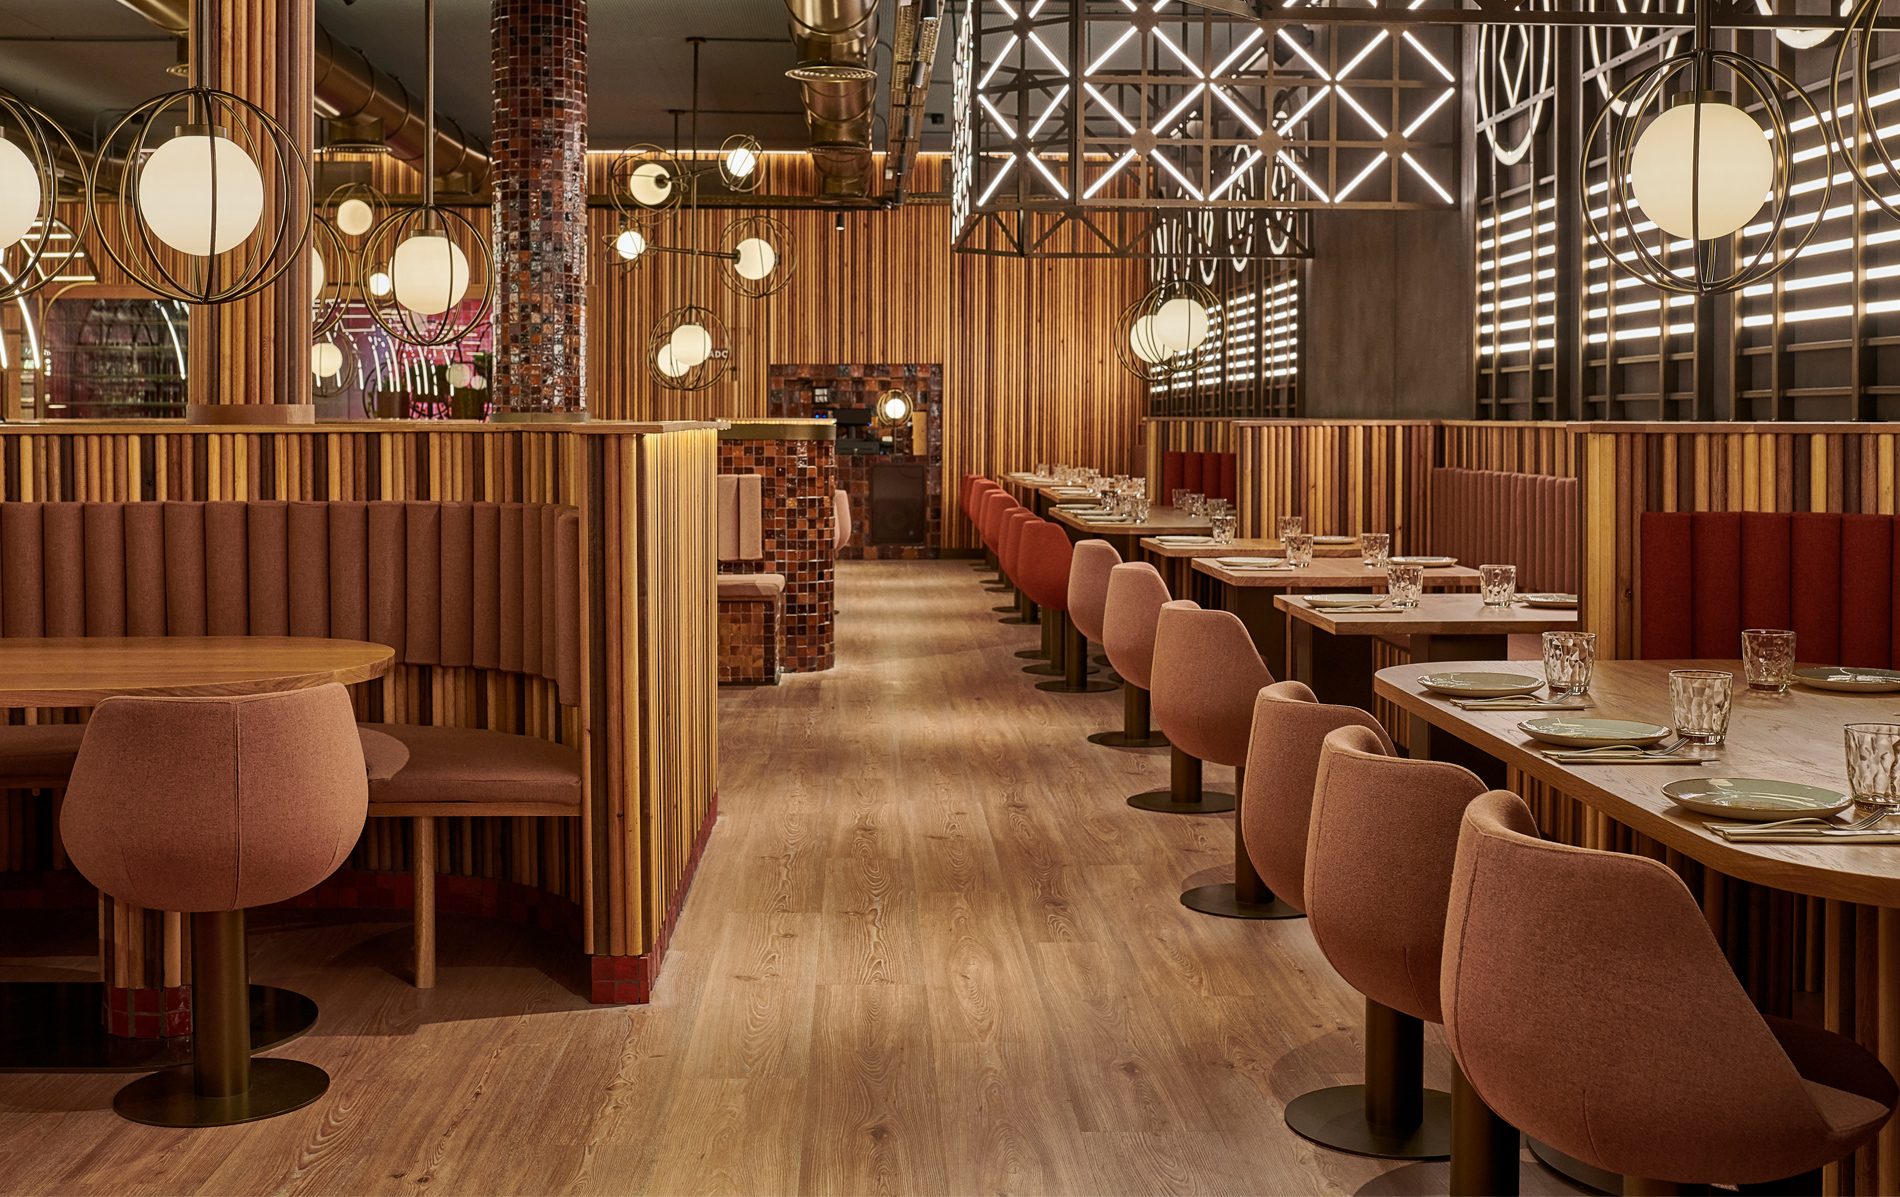 Piur restaurant